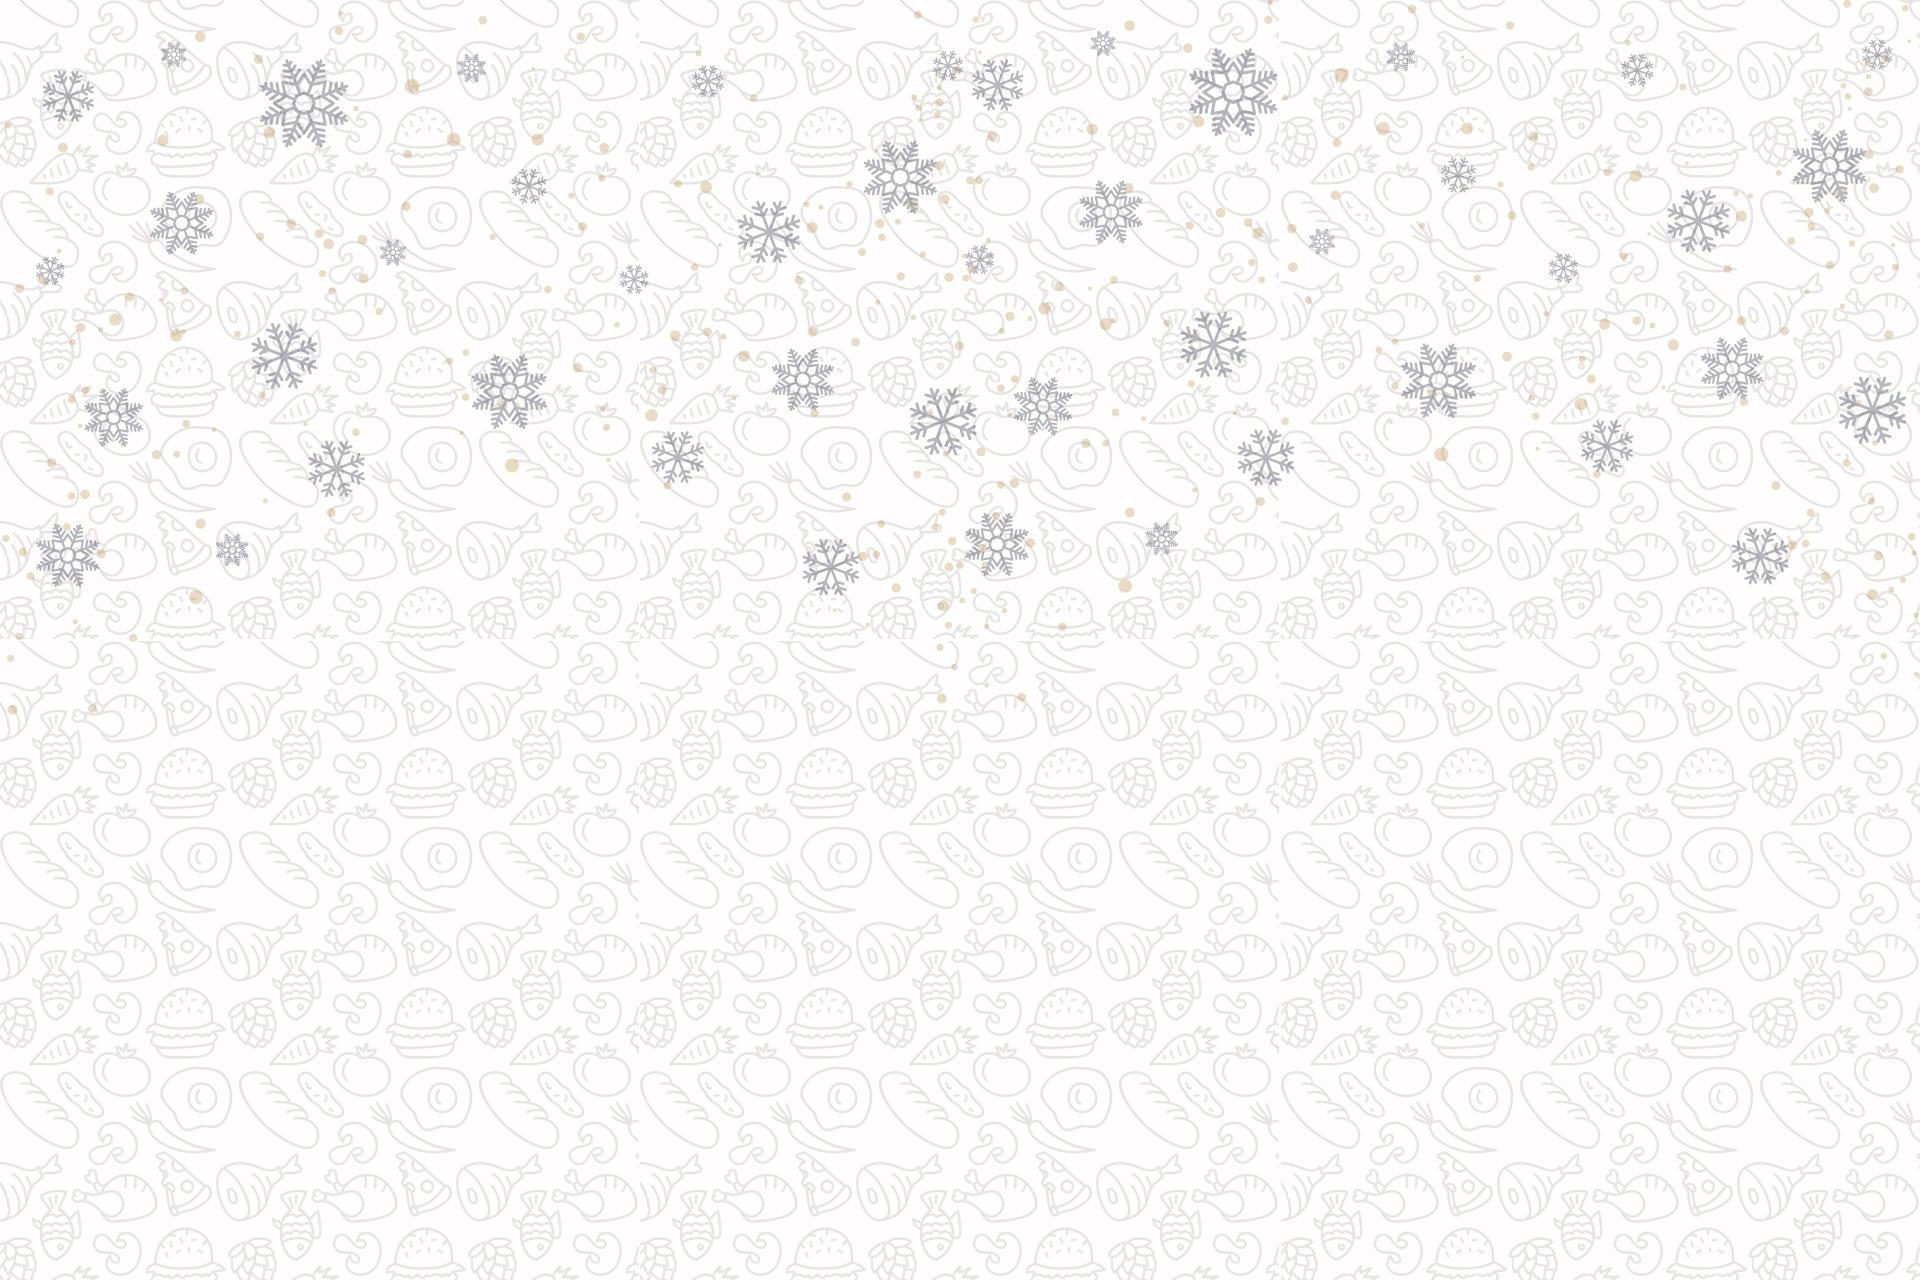 fondo-horario-navidad-2019